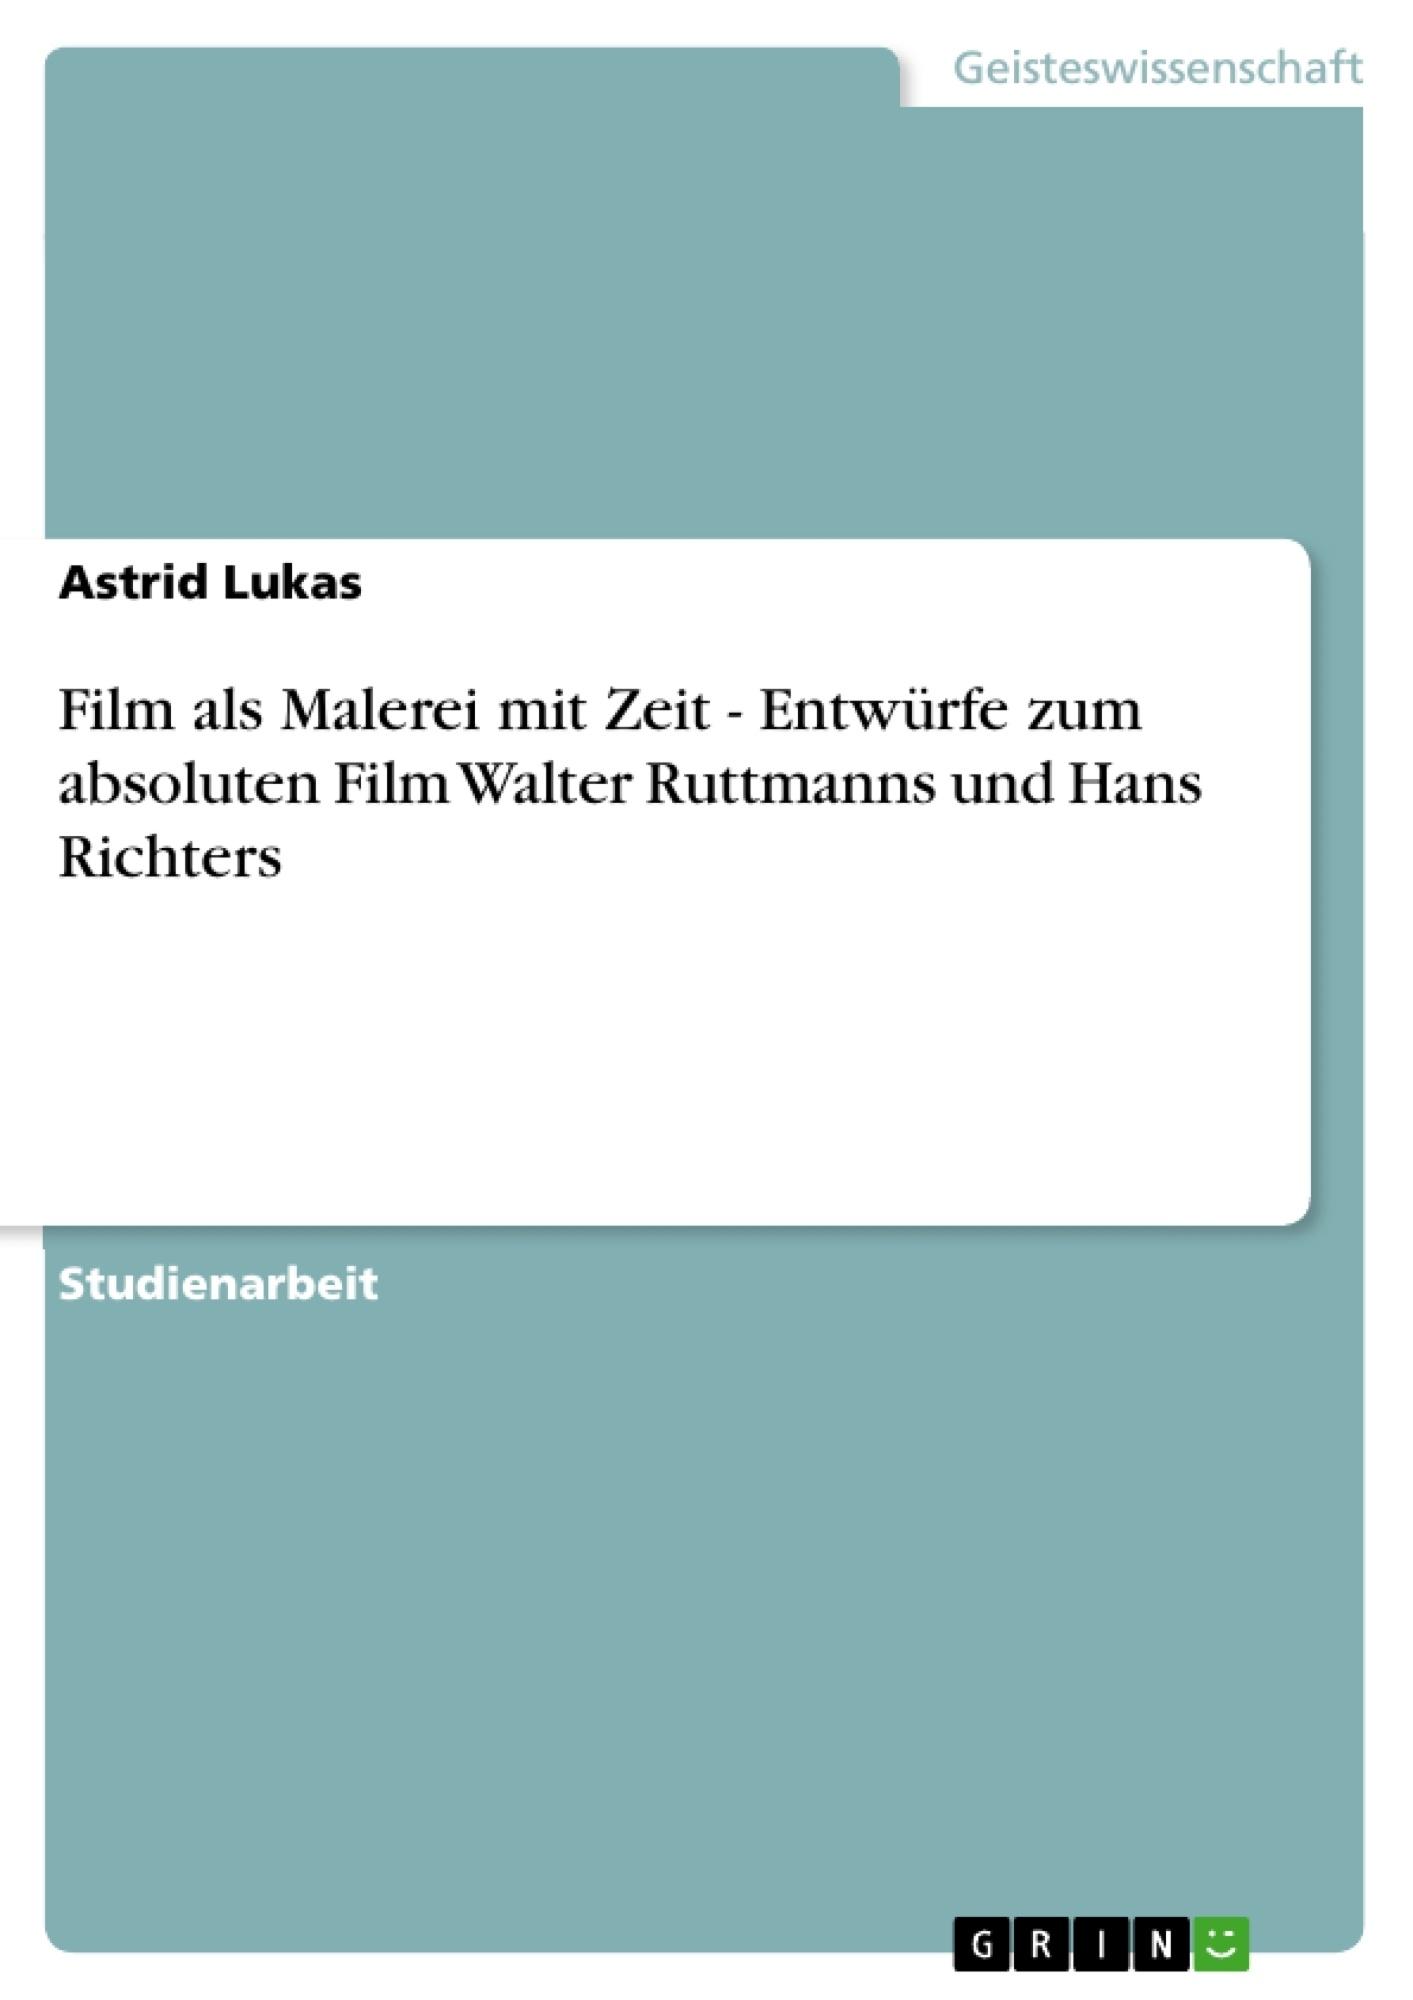 Titel: Film als Malerei mit Zeit - Entwürfe zum absoluten Film Walter Ruttmanns und Hans Richters